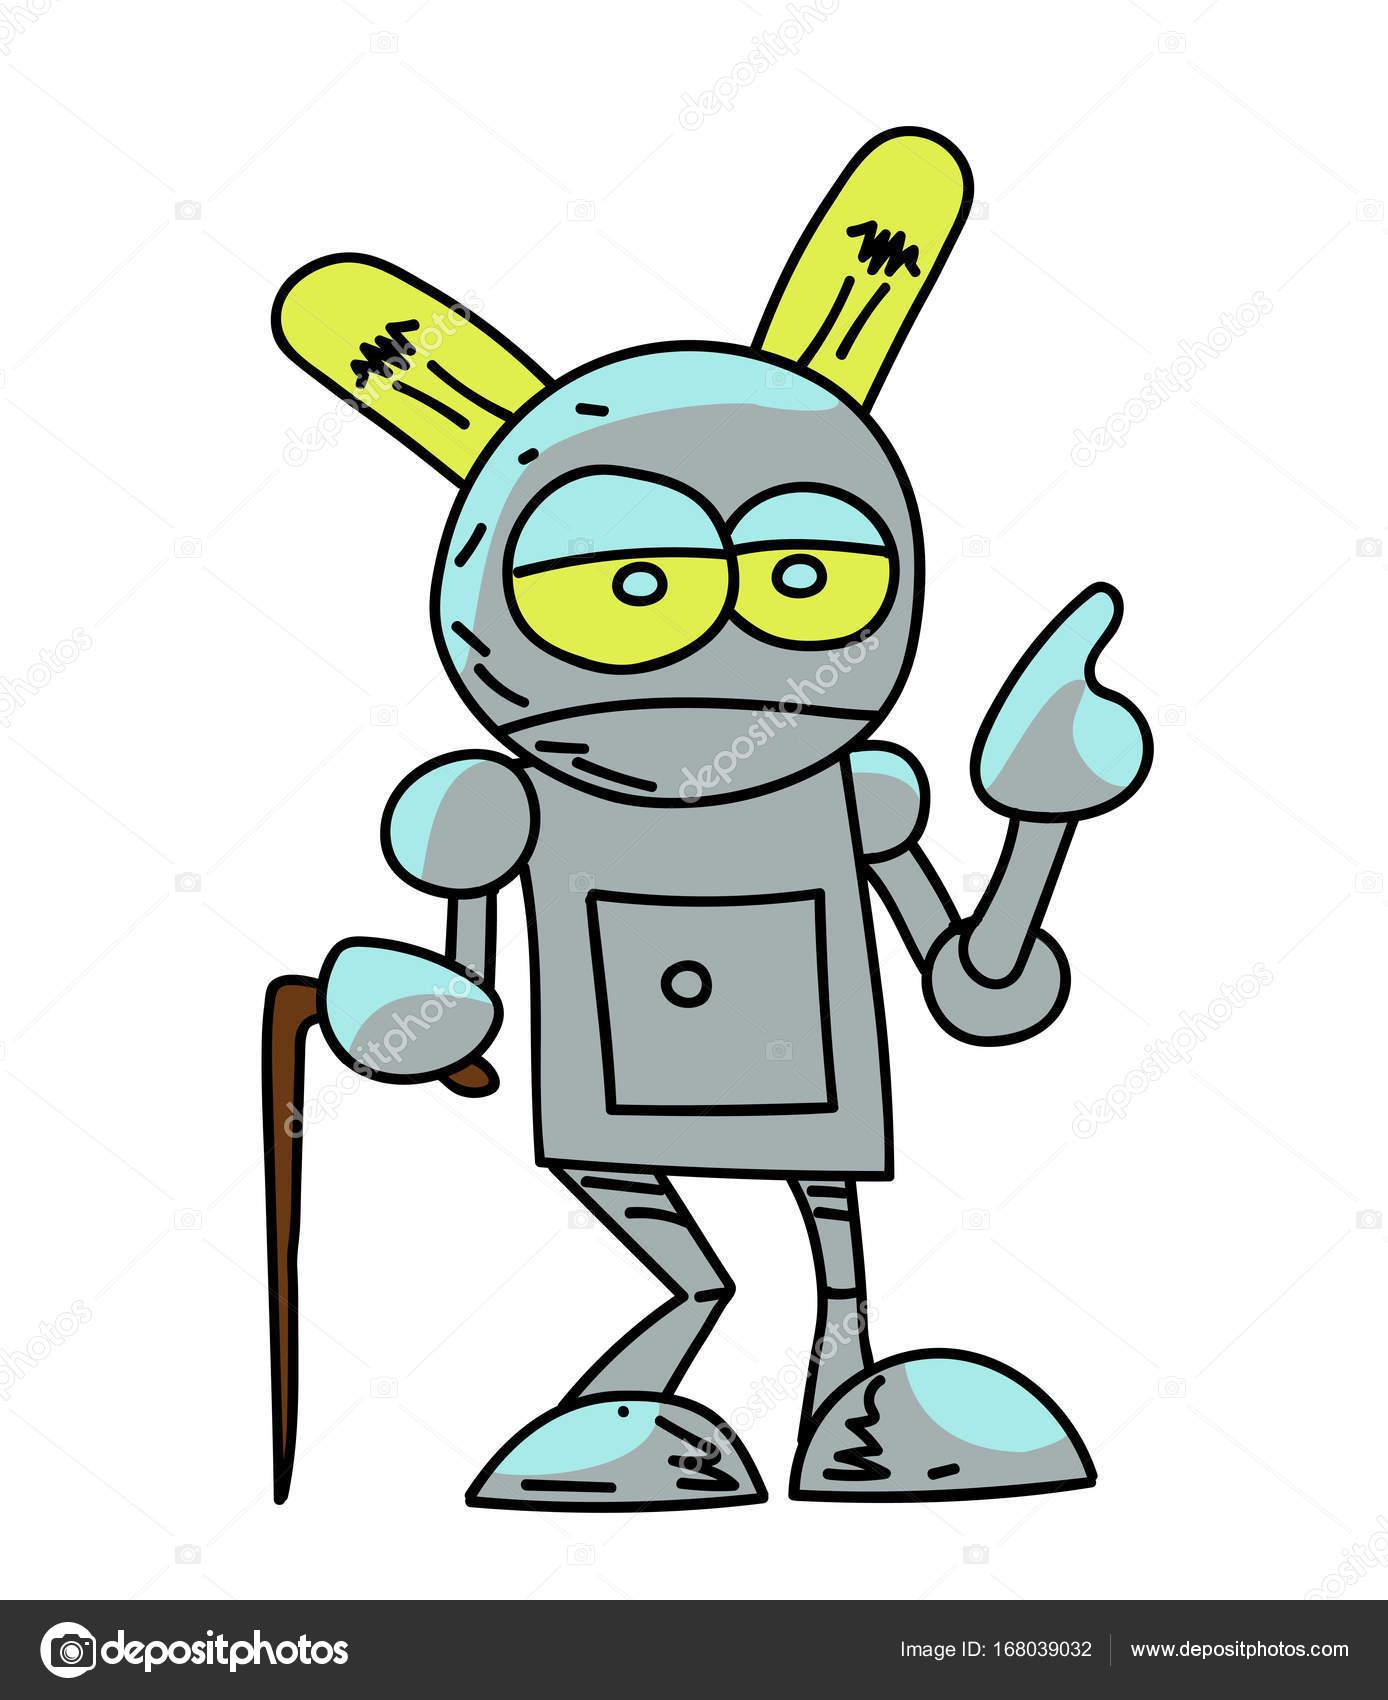 Stary Robot Kresleny Rucne Nakresleny Obrazek Stock Vektor